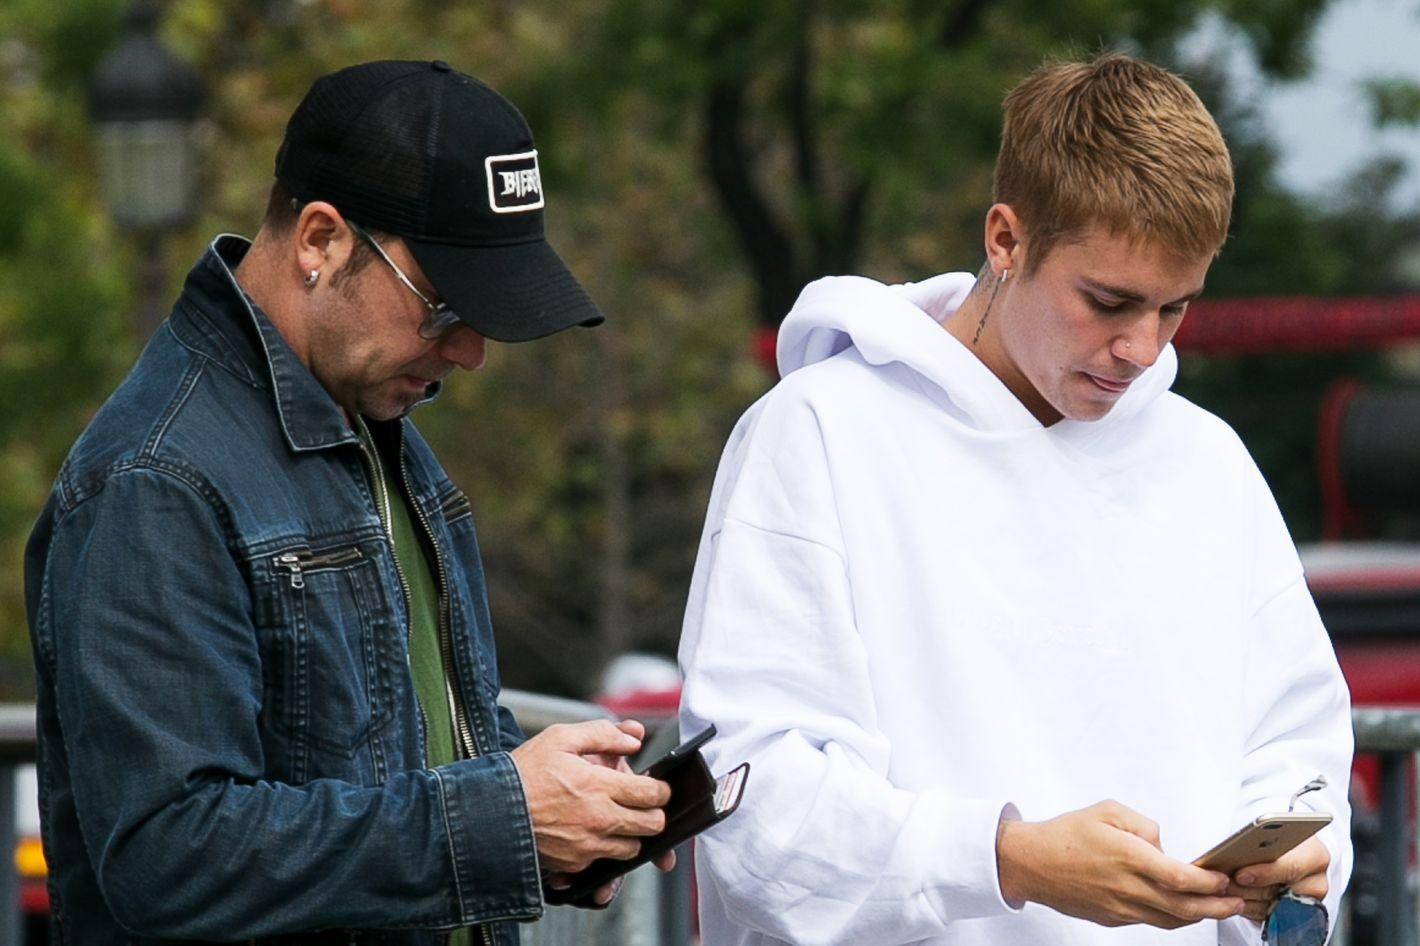 Justinbieber nu fakes seems